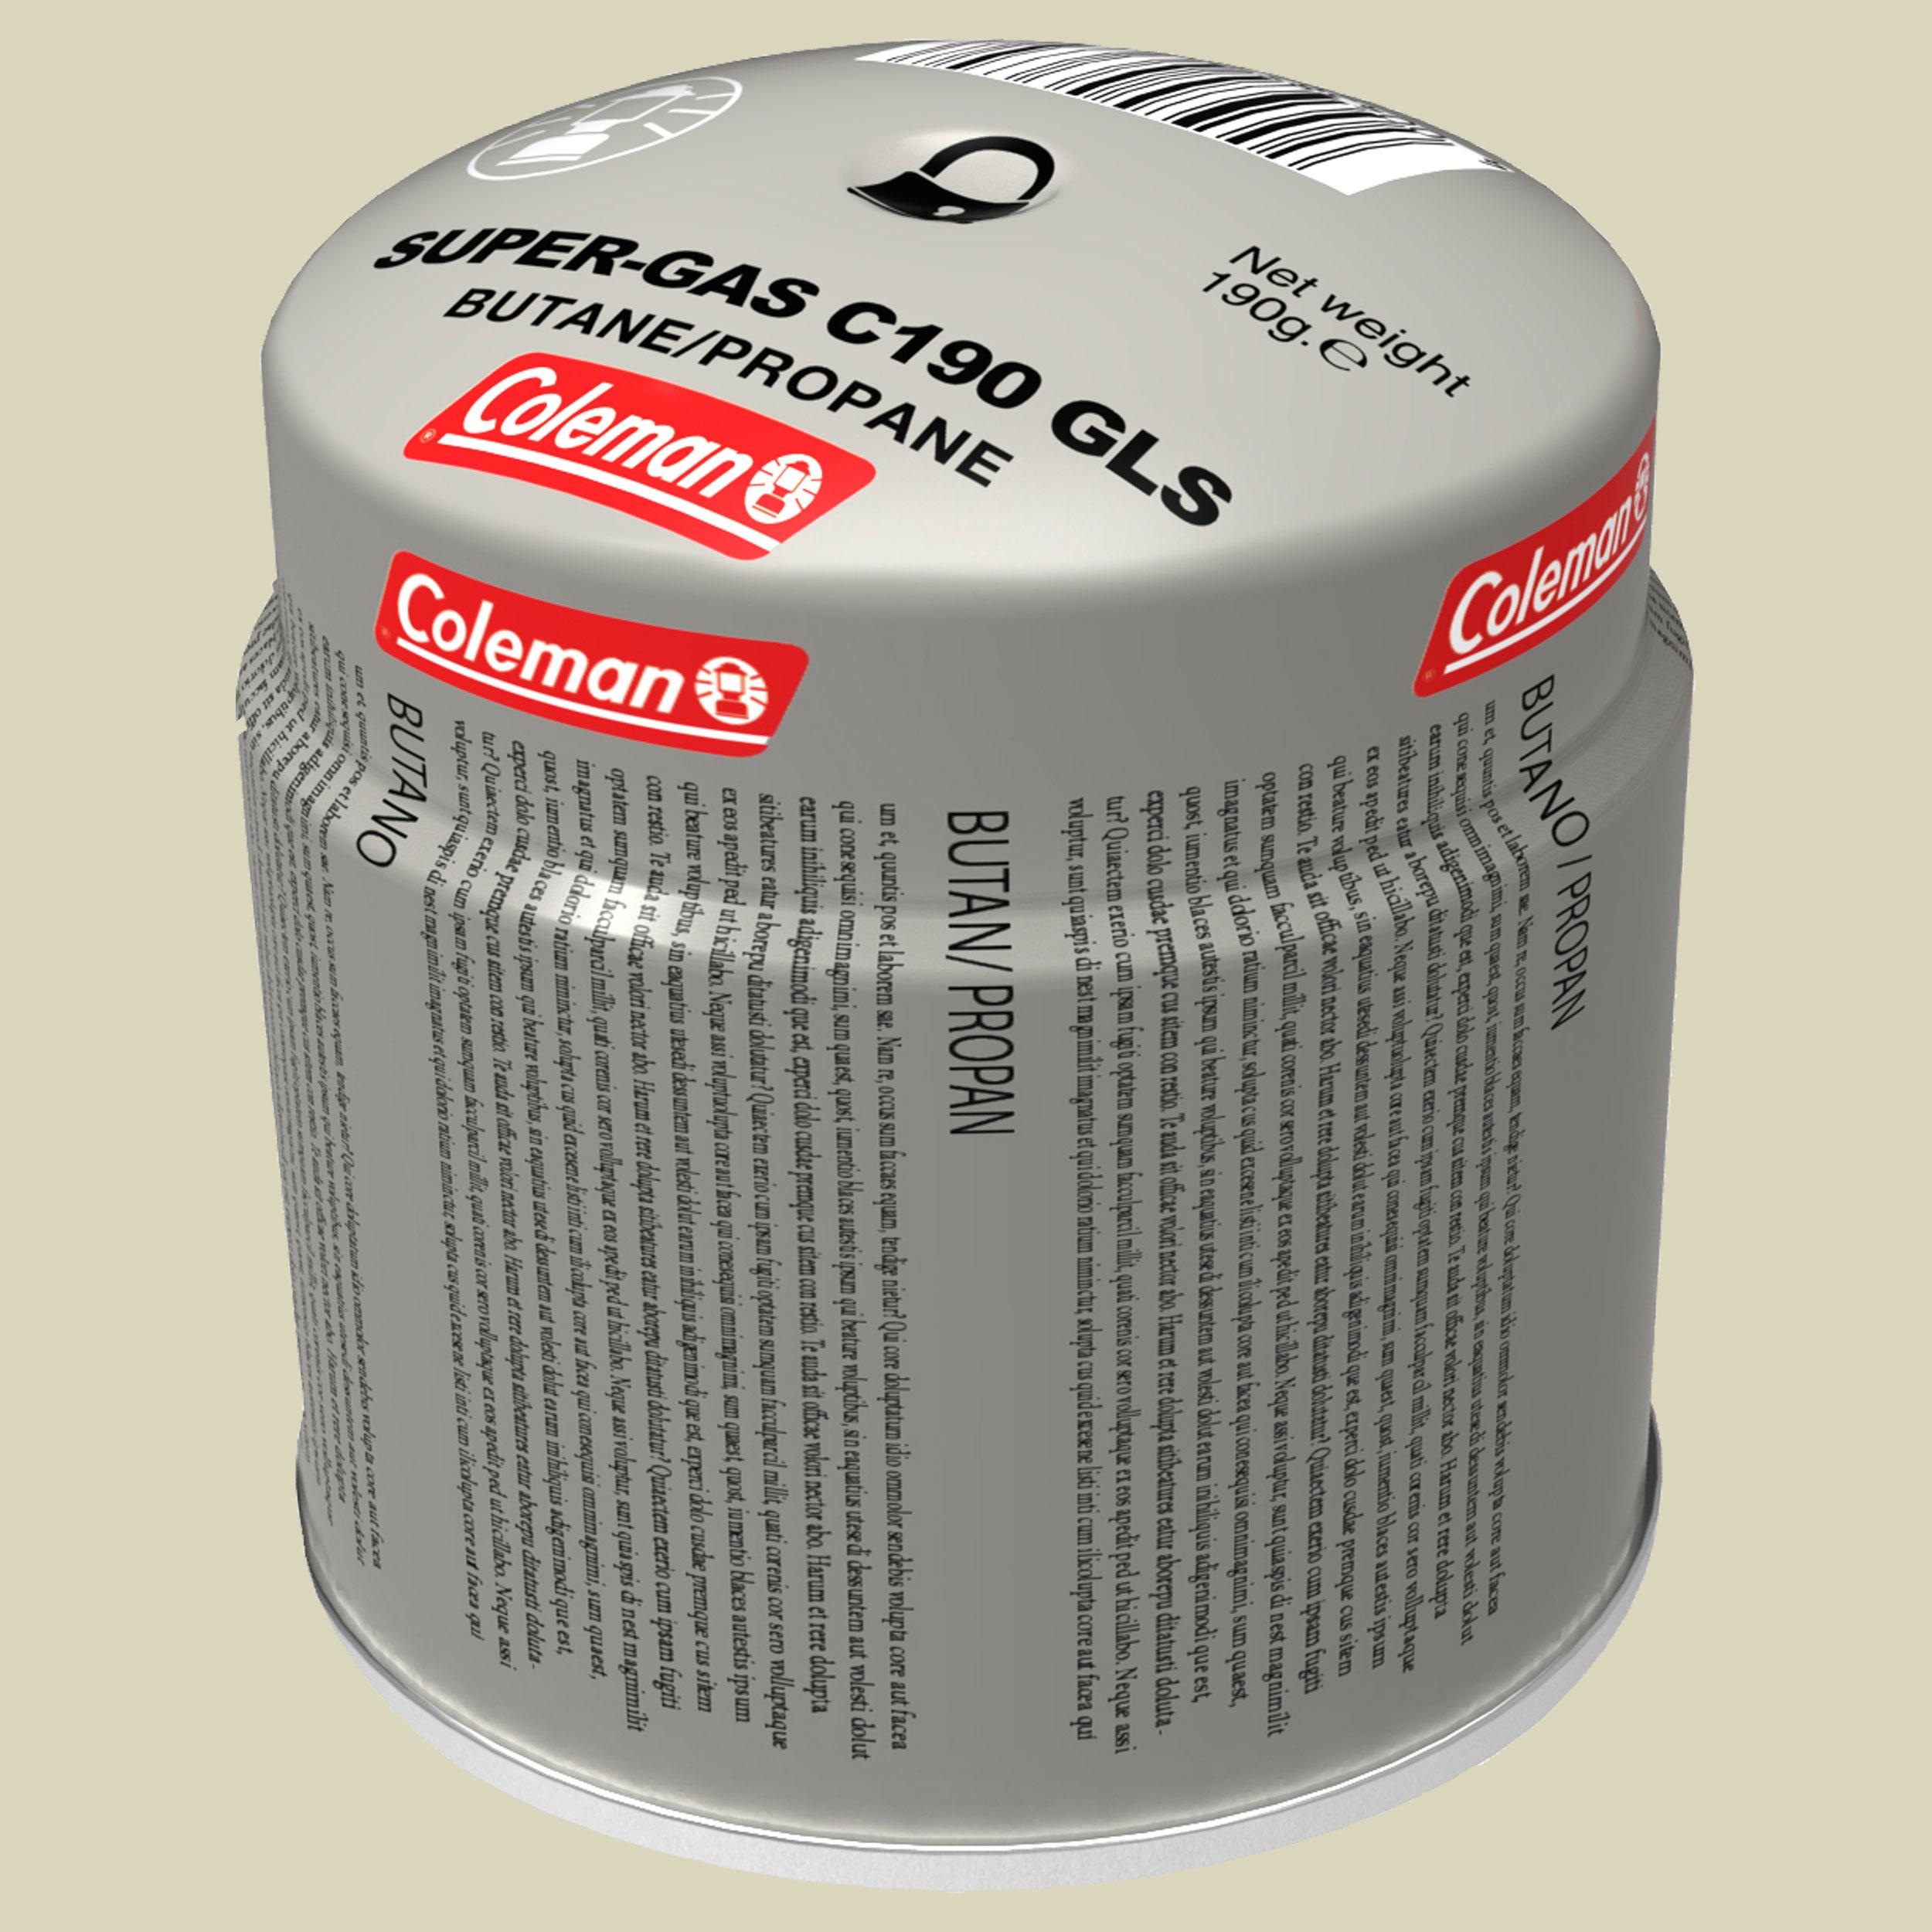 Coleman Stechgaskartusche GLS 190 Stechgaskartusche Volumen 314 ml